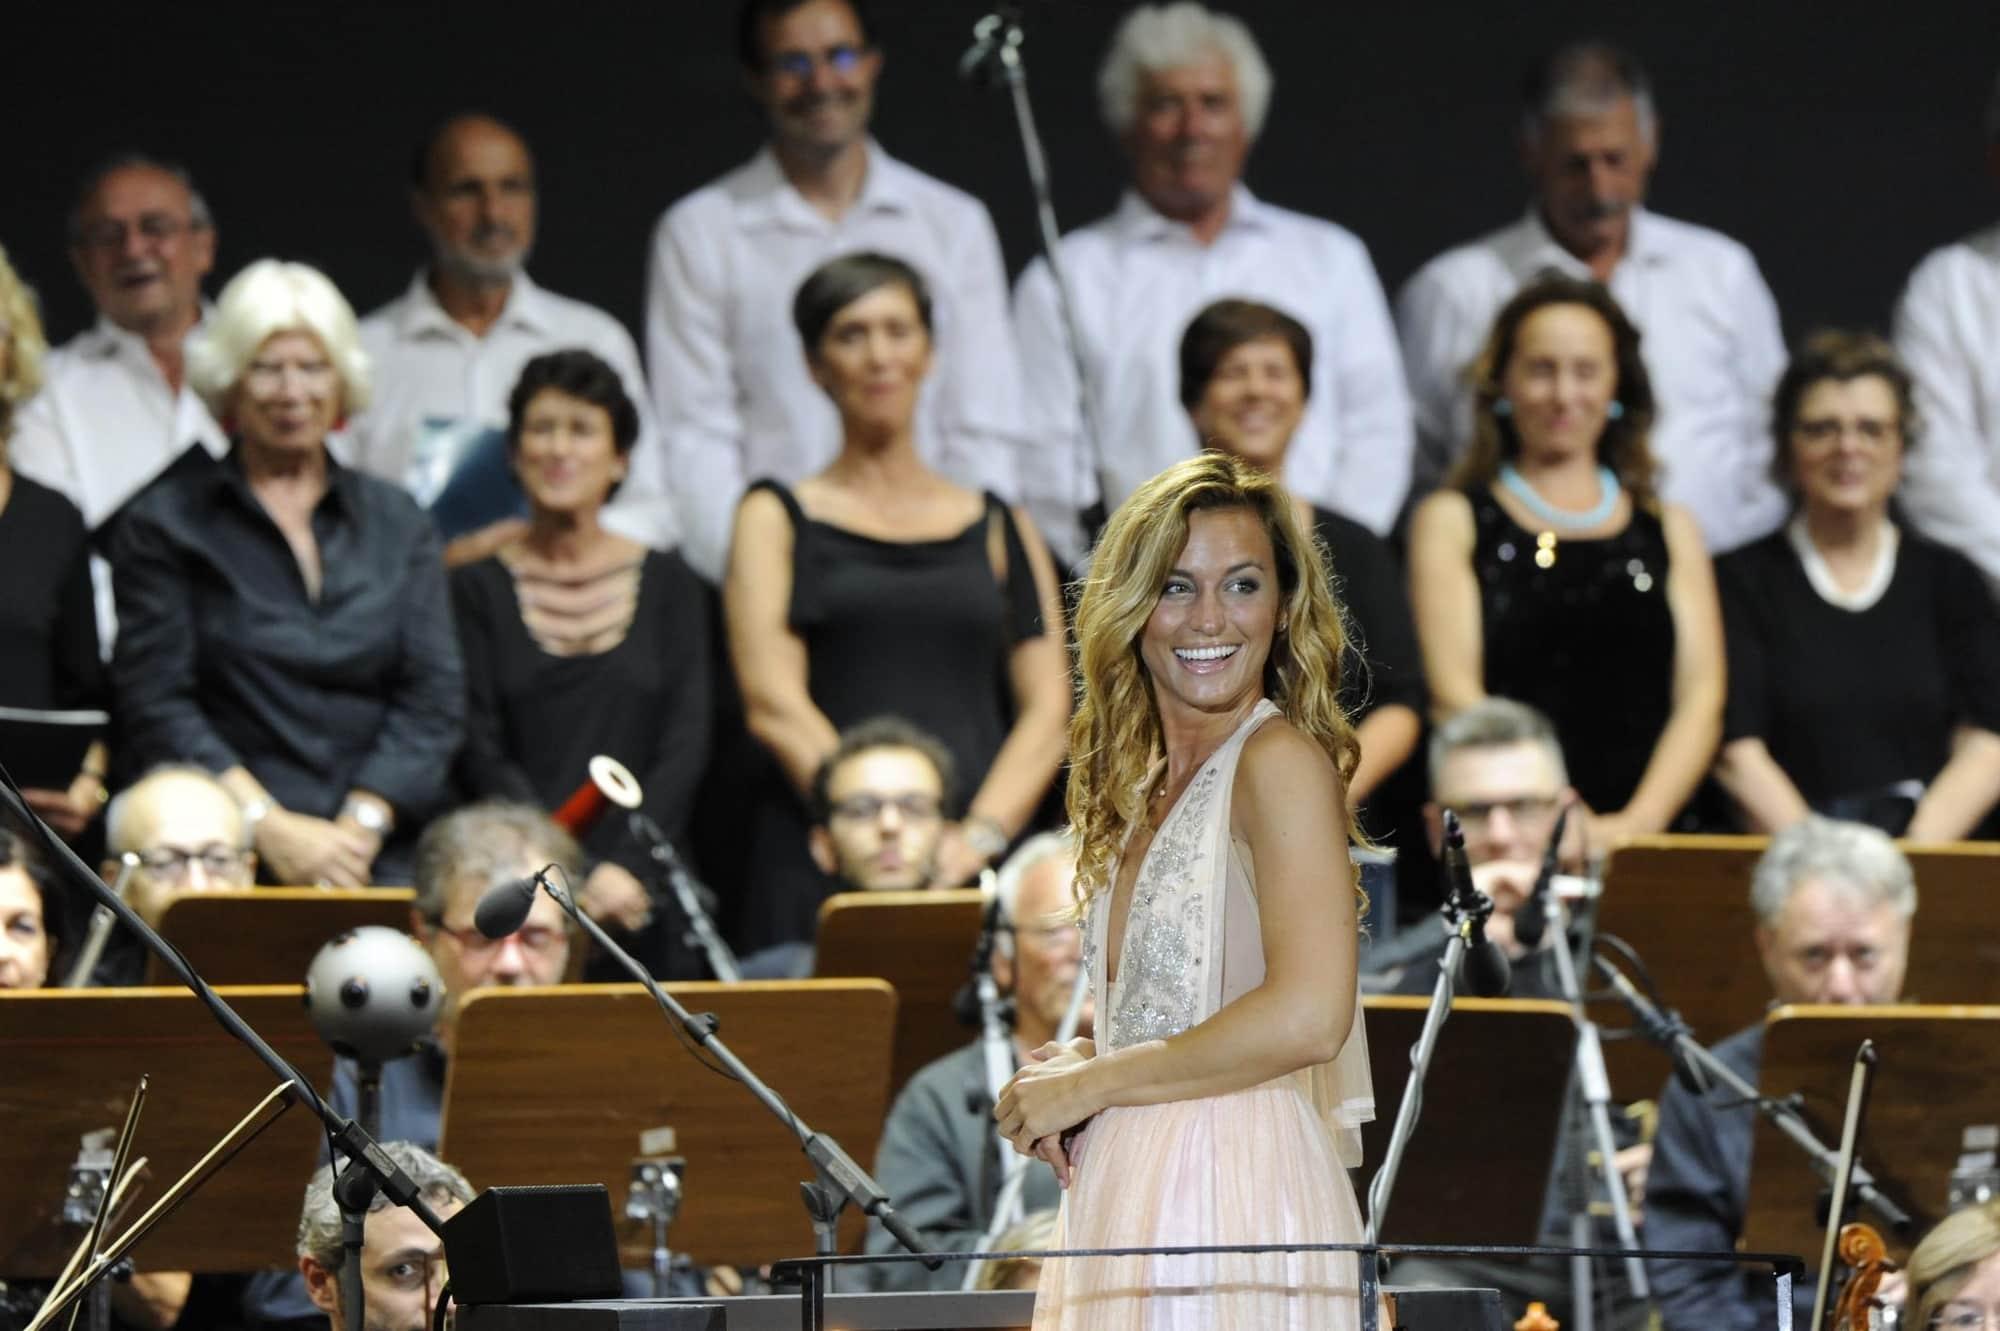 Beatrice_venezi_podio2